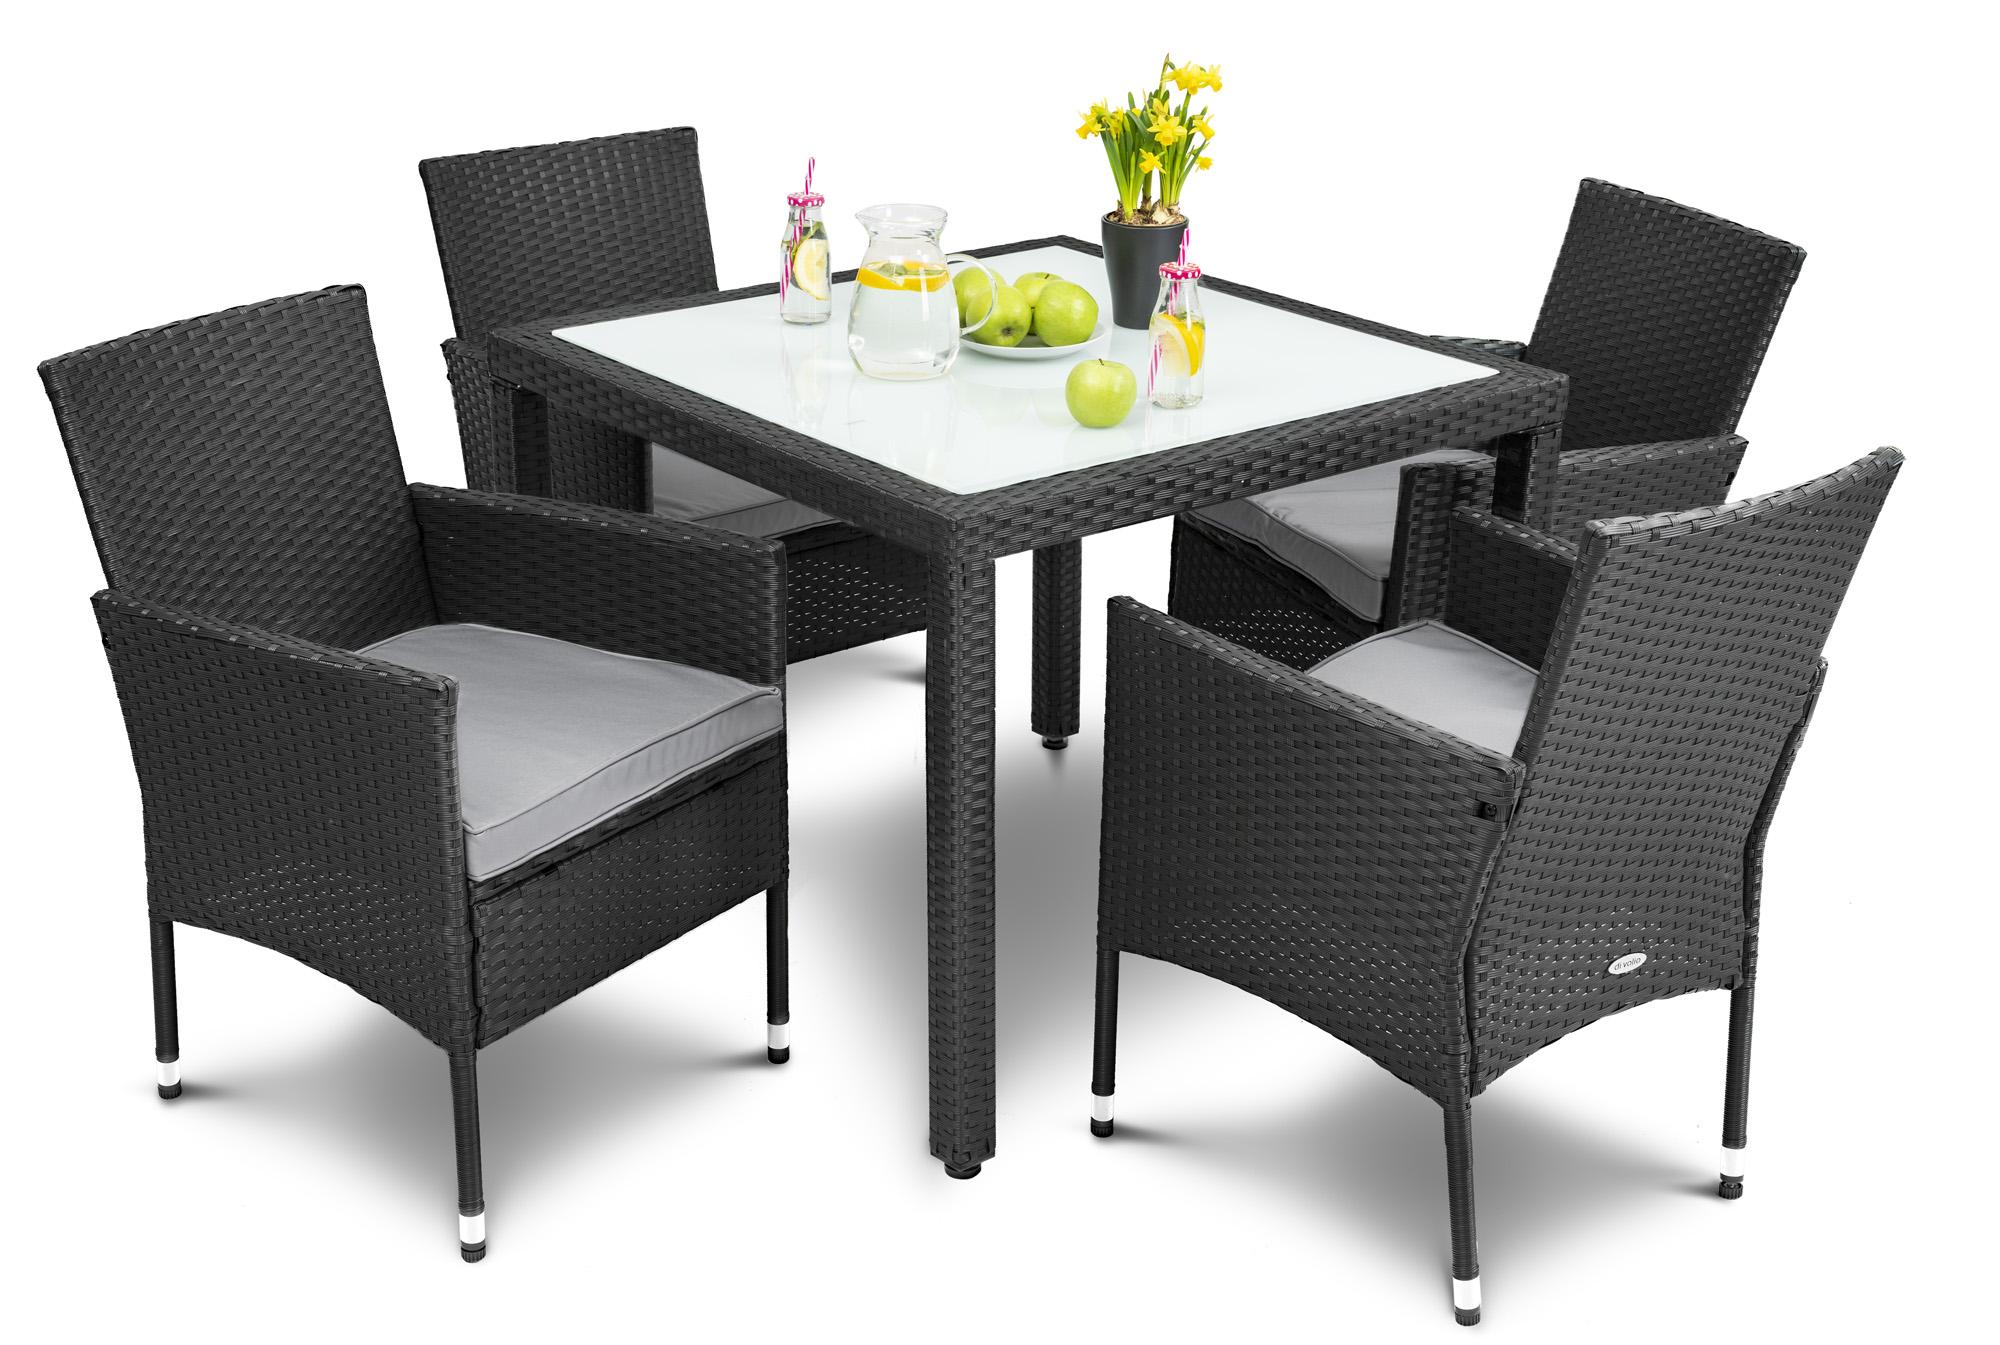 Divolio Gartenmobel Set Mit Tisch Und Stuhlen Verona Set 4 1